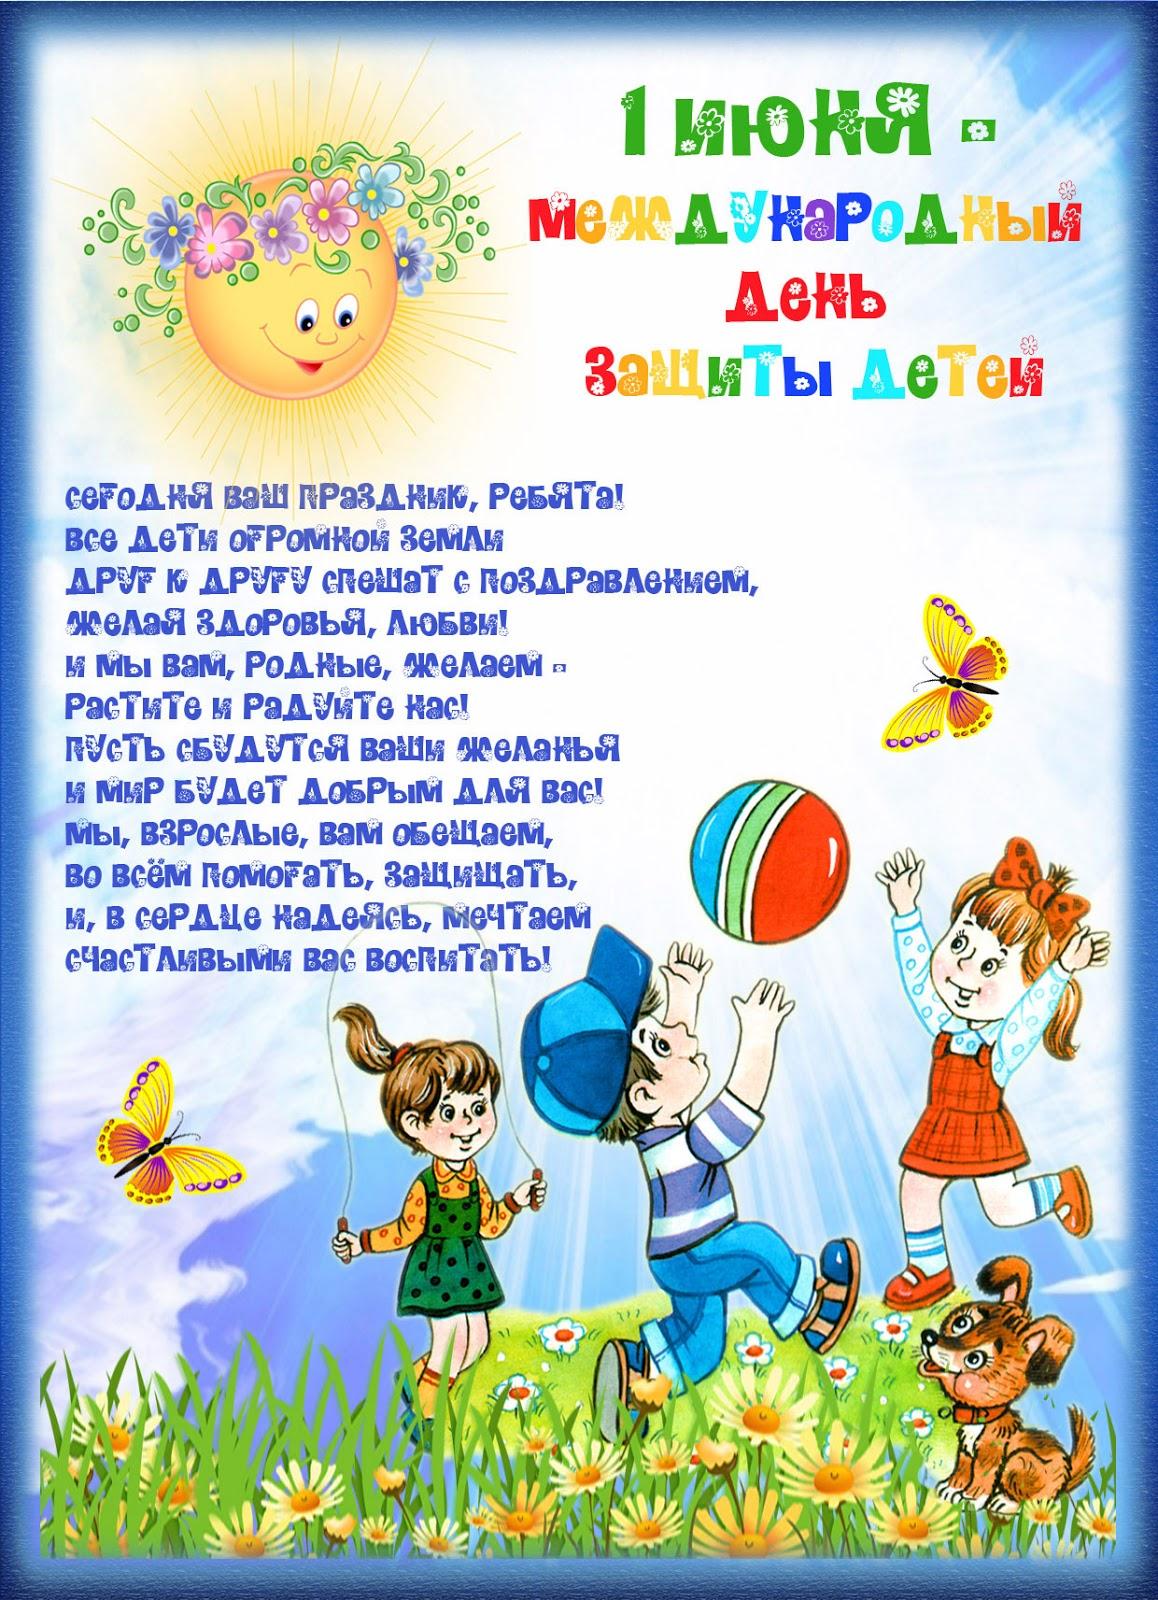 Поздравления с днем защиты детей короткие открытки